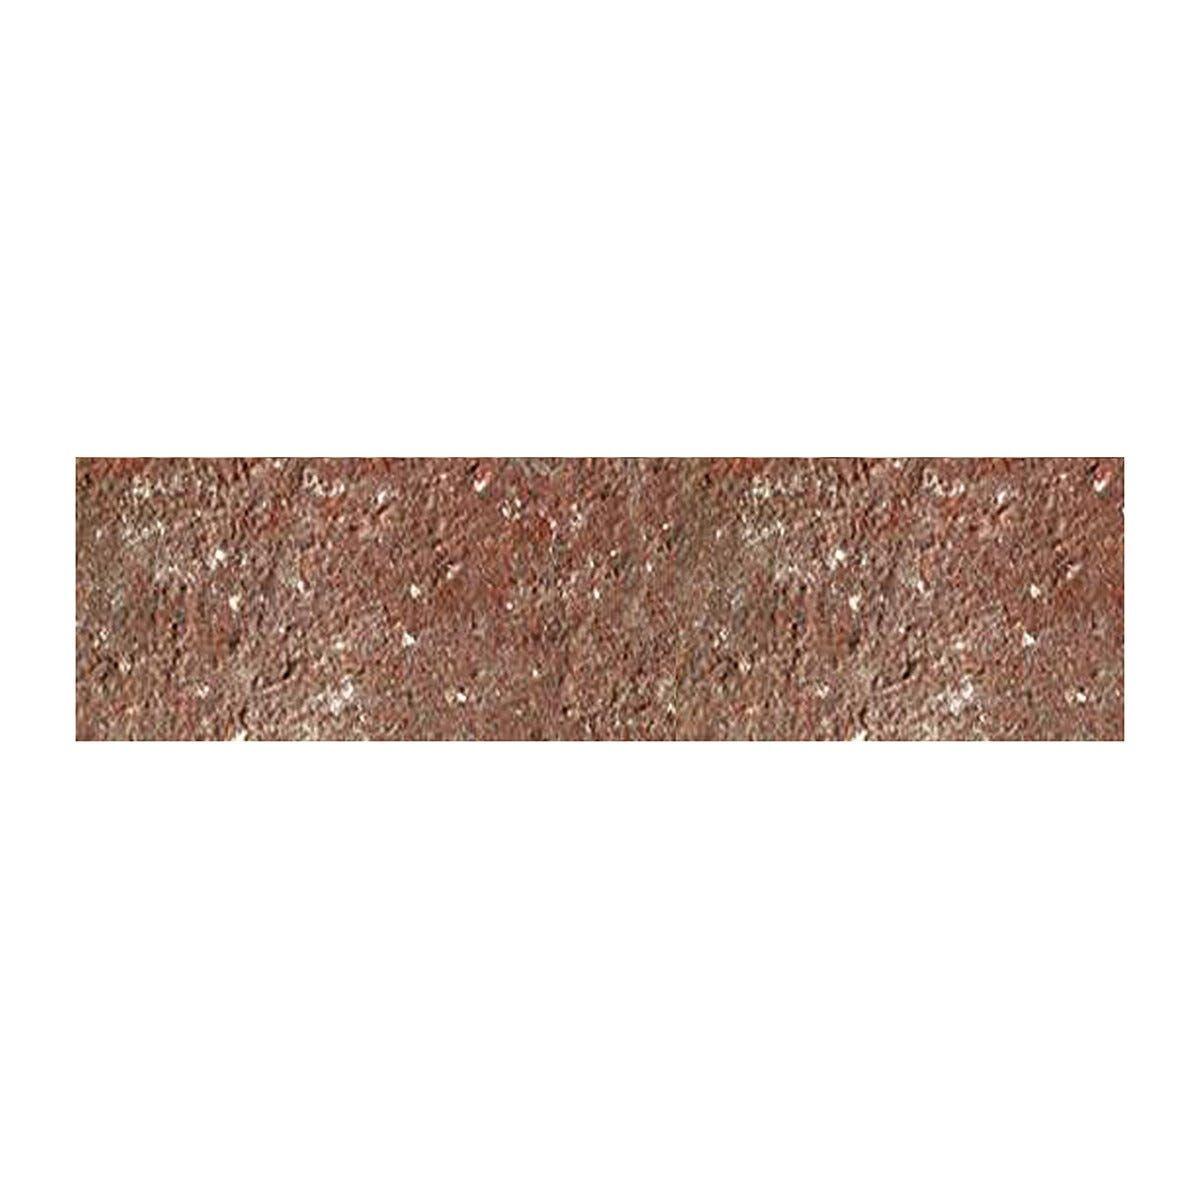 spray _dry mattoncino antico casale mattone 6x25x0,9 cm pei 5 r10 gres porcellanato